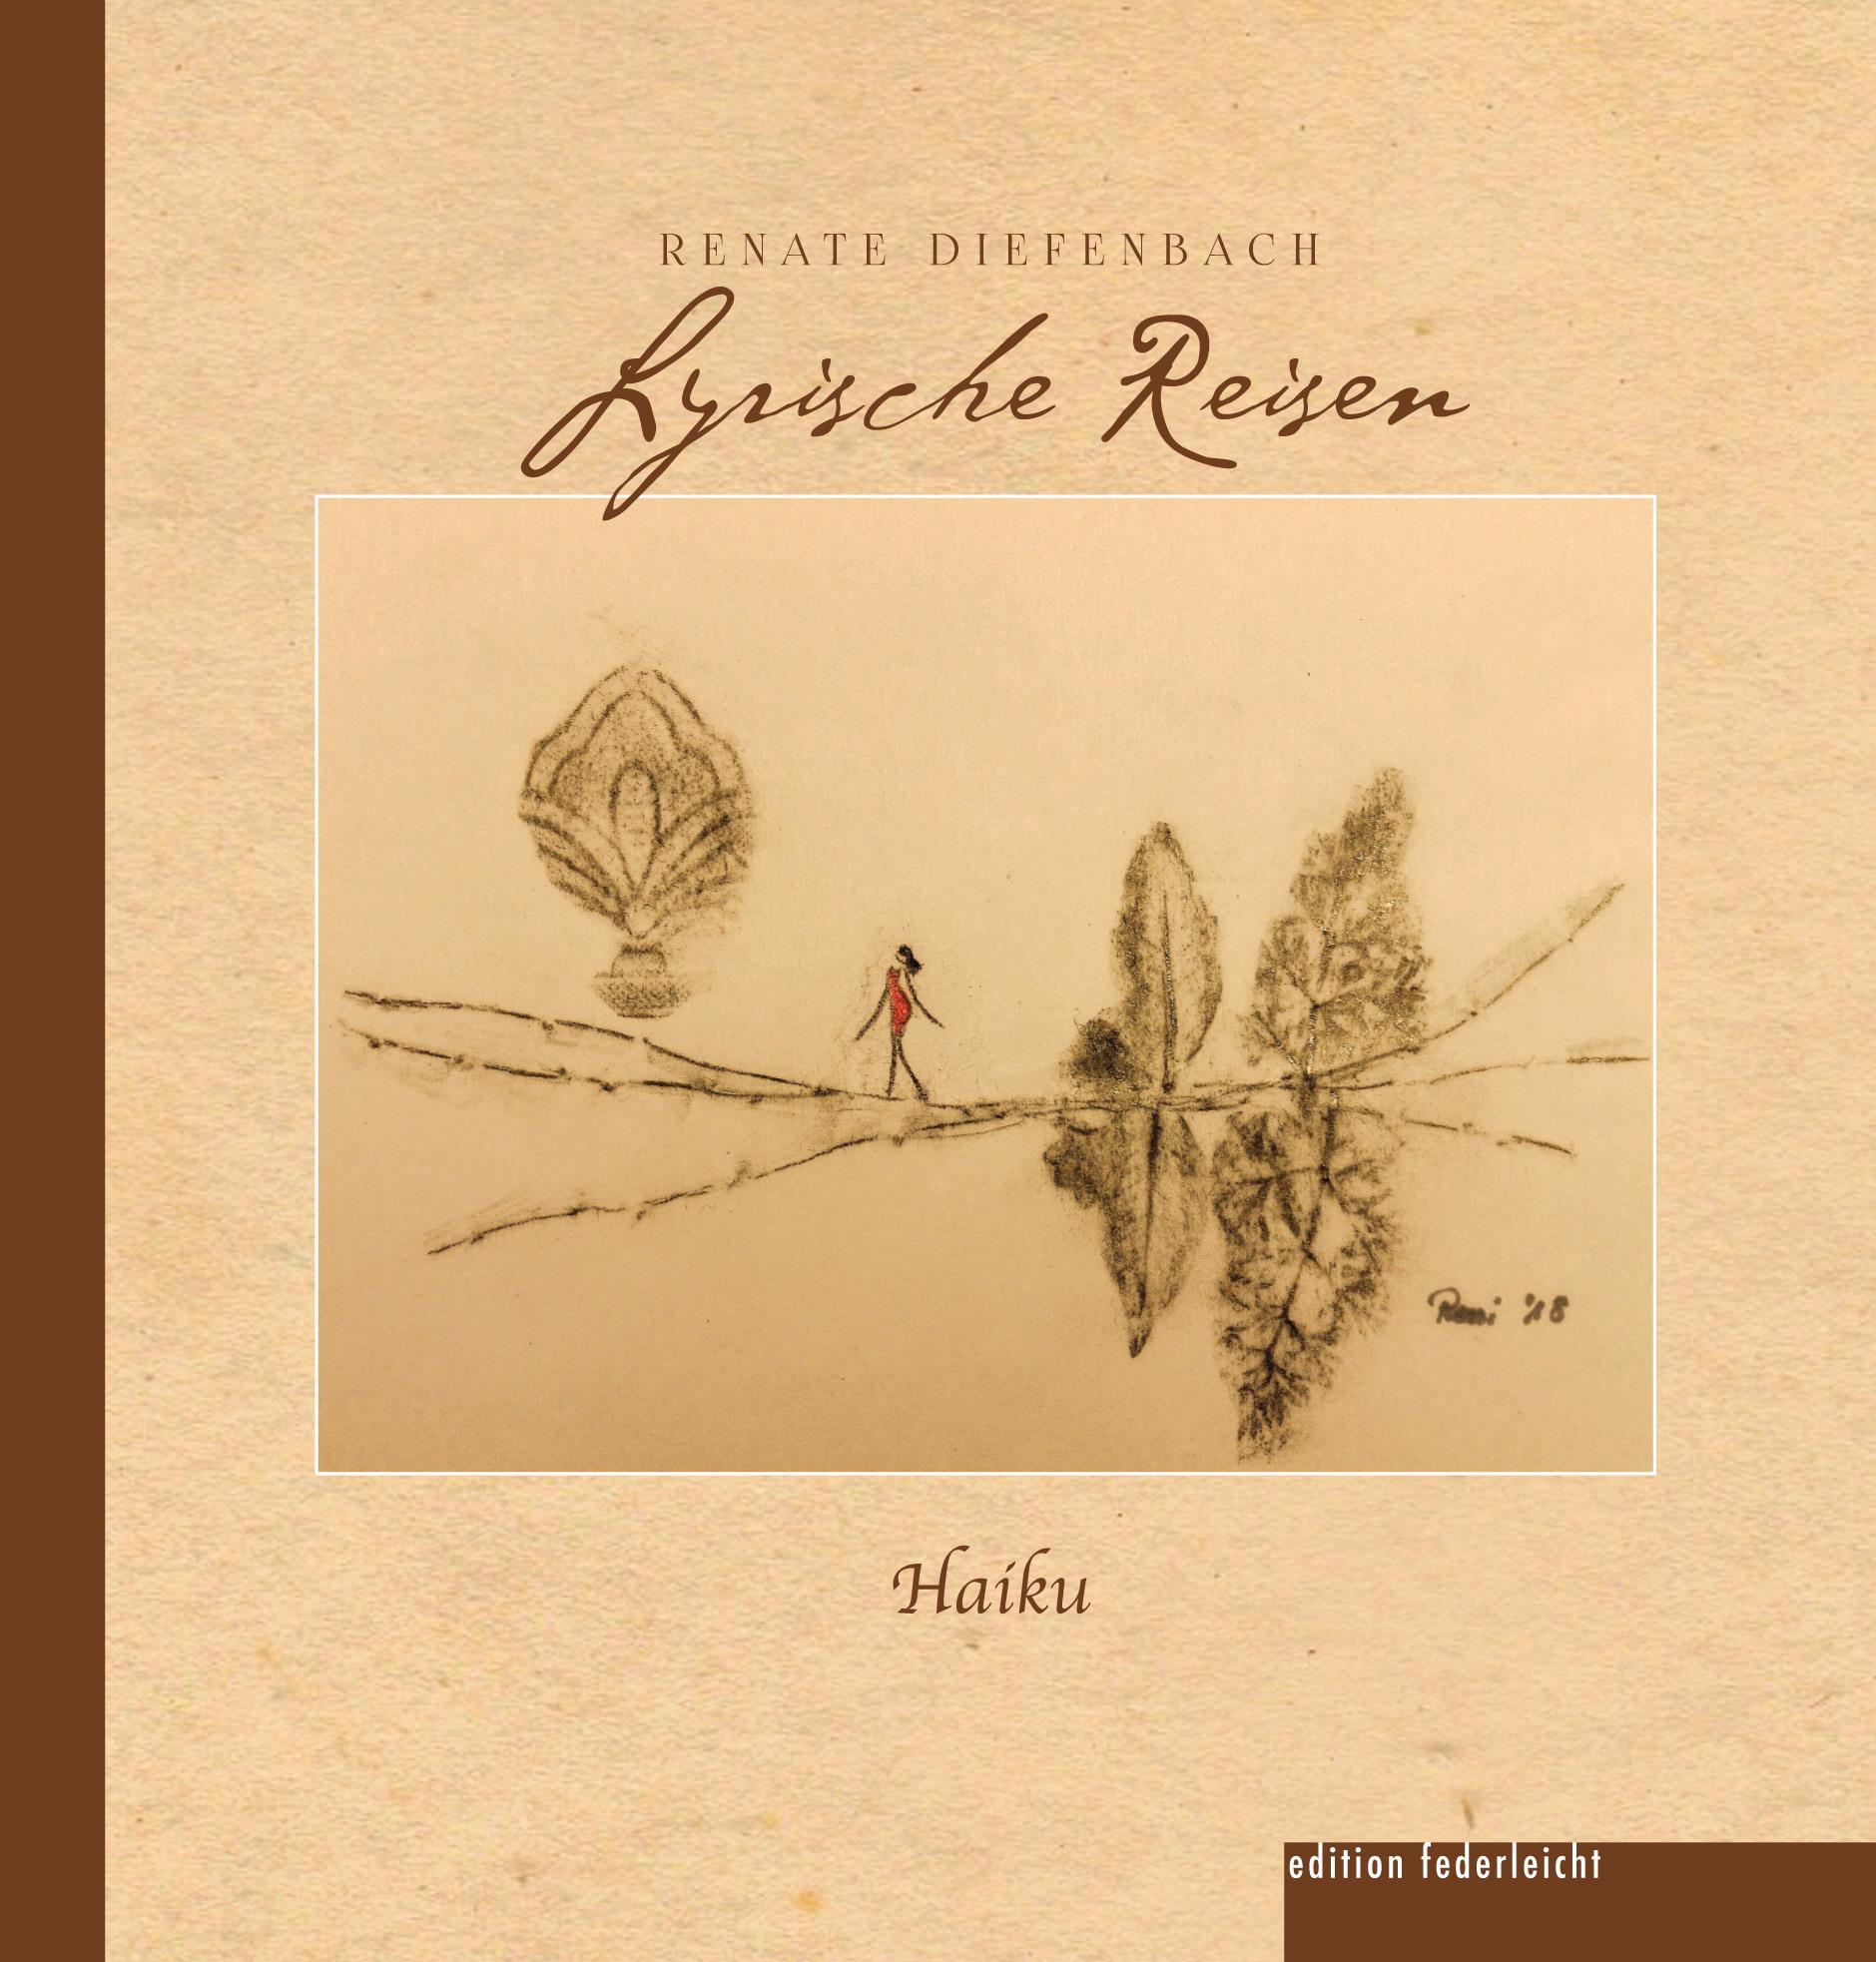 Buchvorstellung LYRISCHE REISEN von und mit Renate Diefenbach